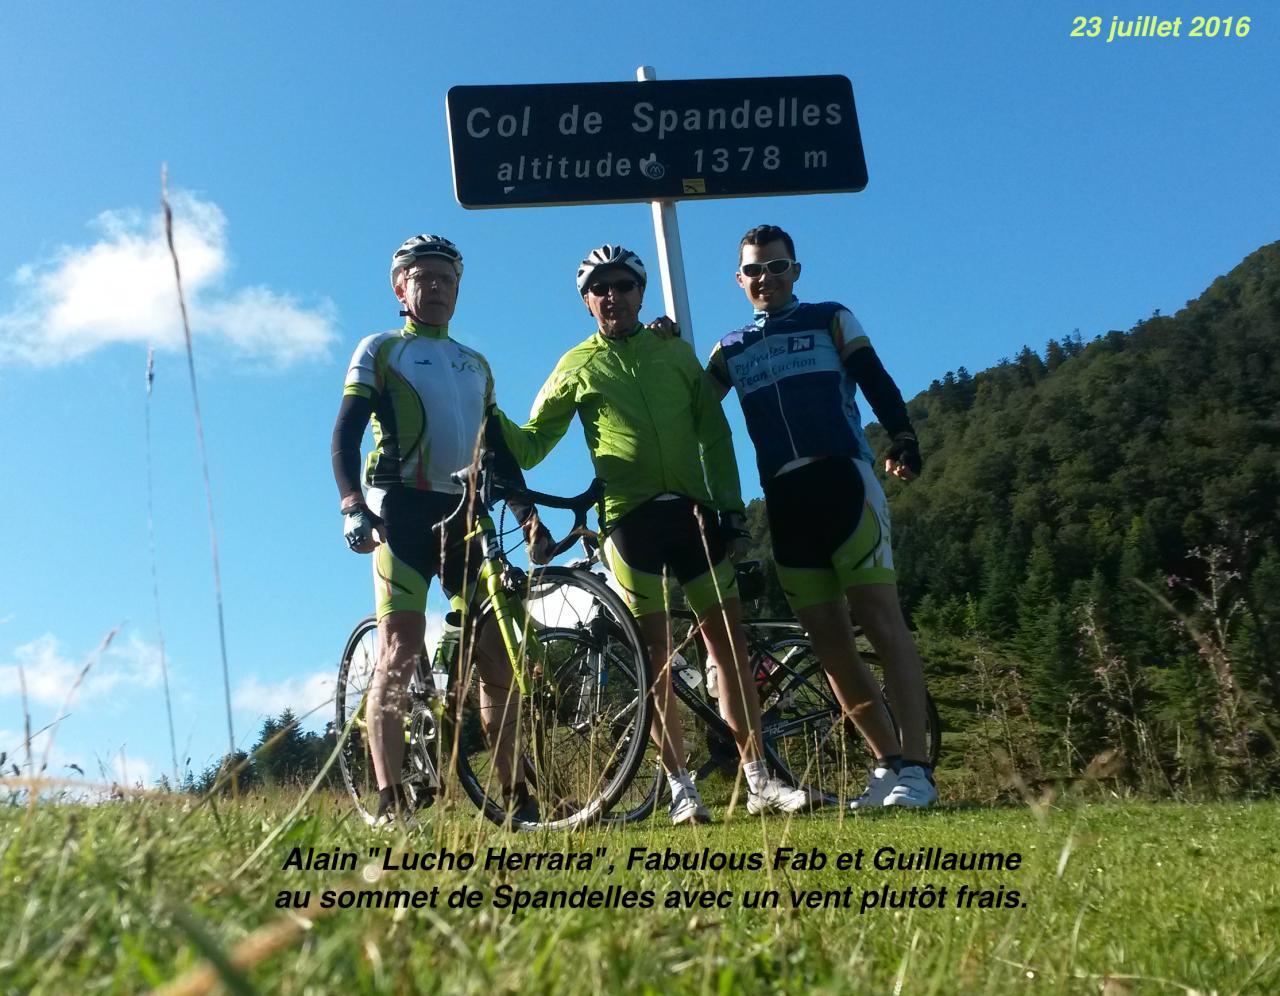 Col de Spandelles